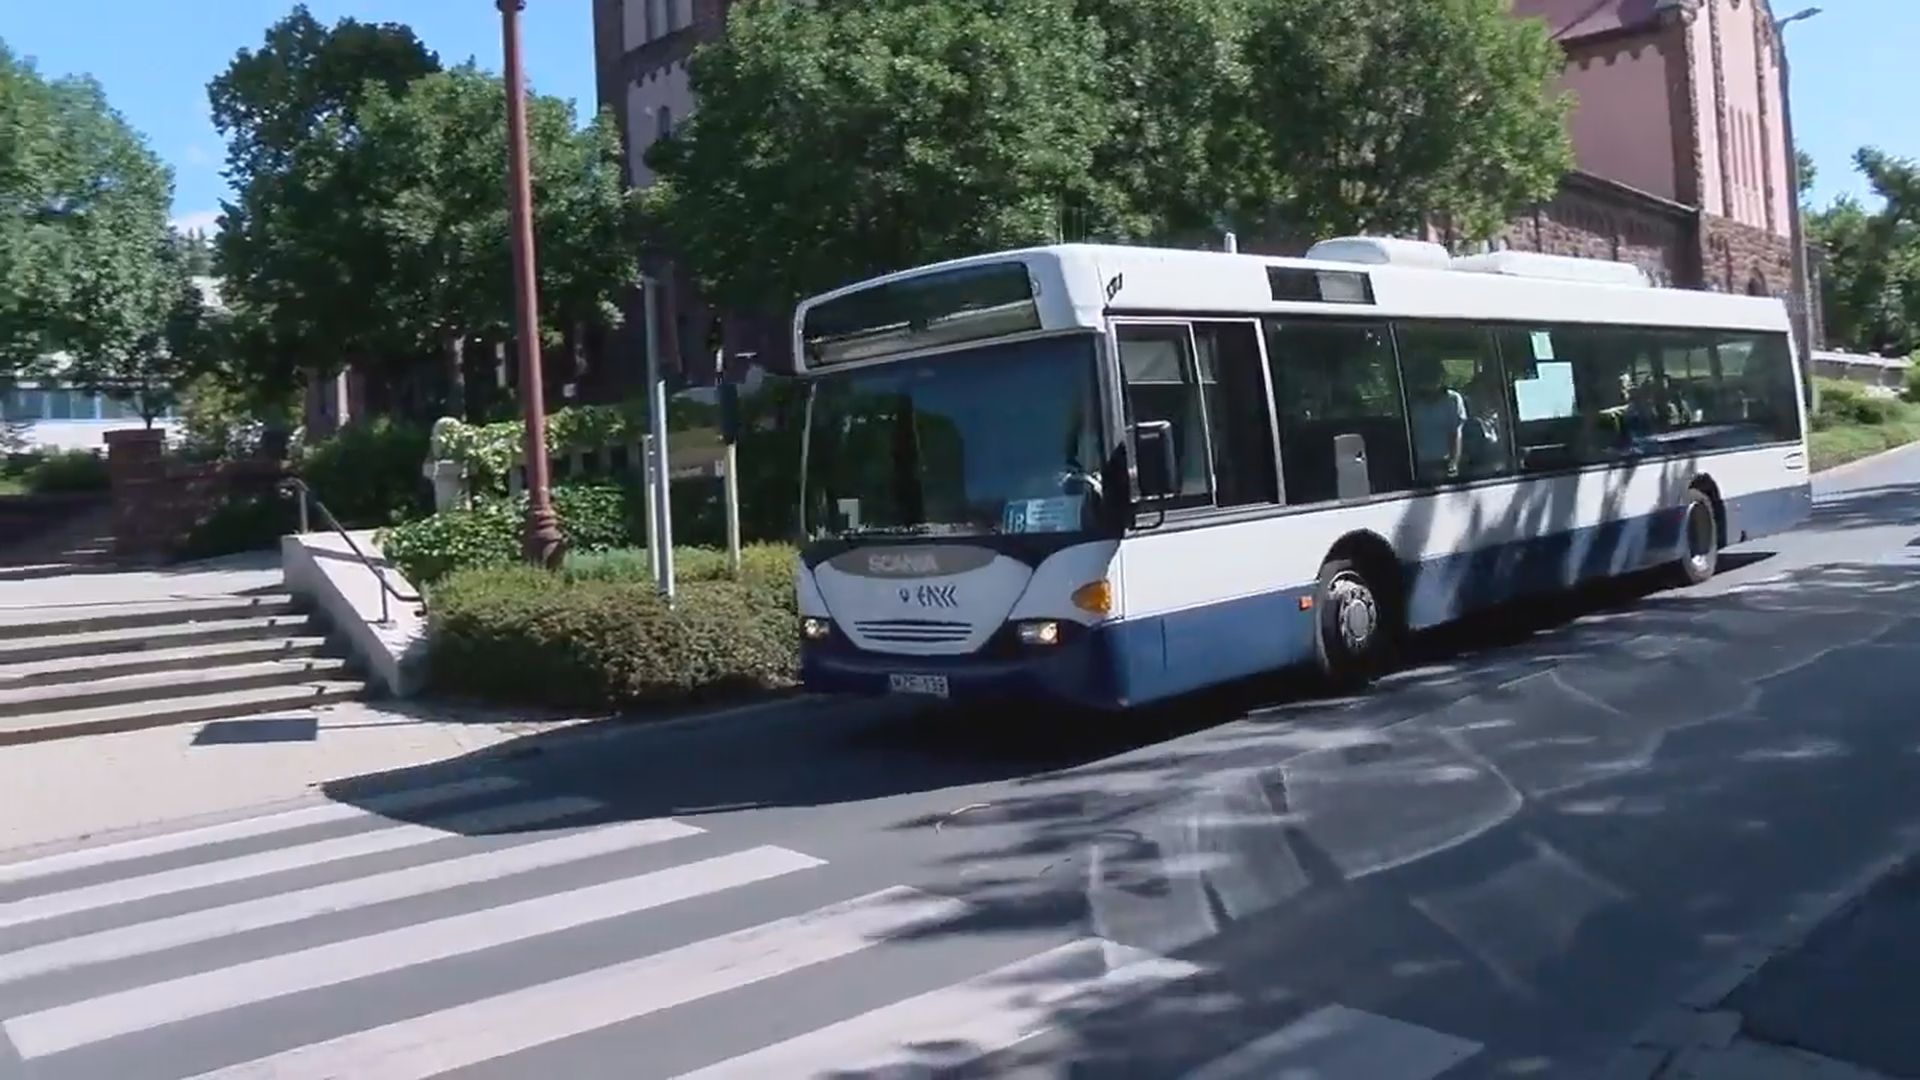 Kevesebb helyijárat közlekedik Füreden a koronavírus miatt